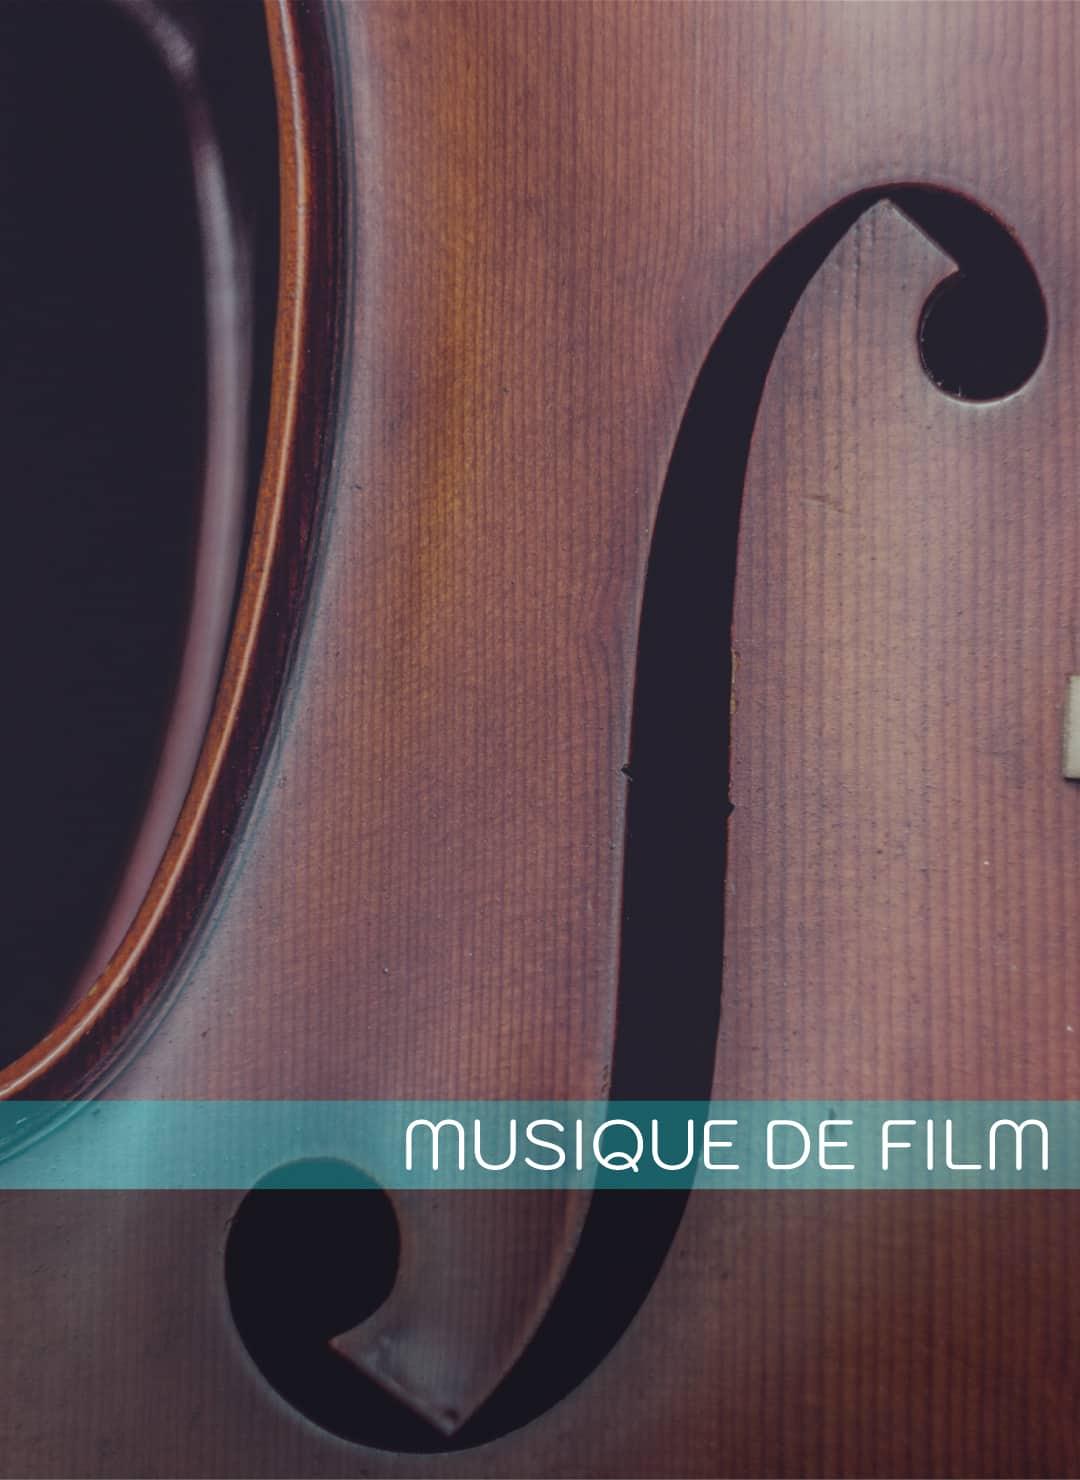 Formation composition musique de film